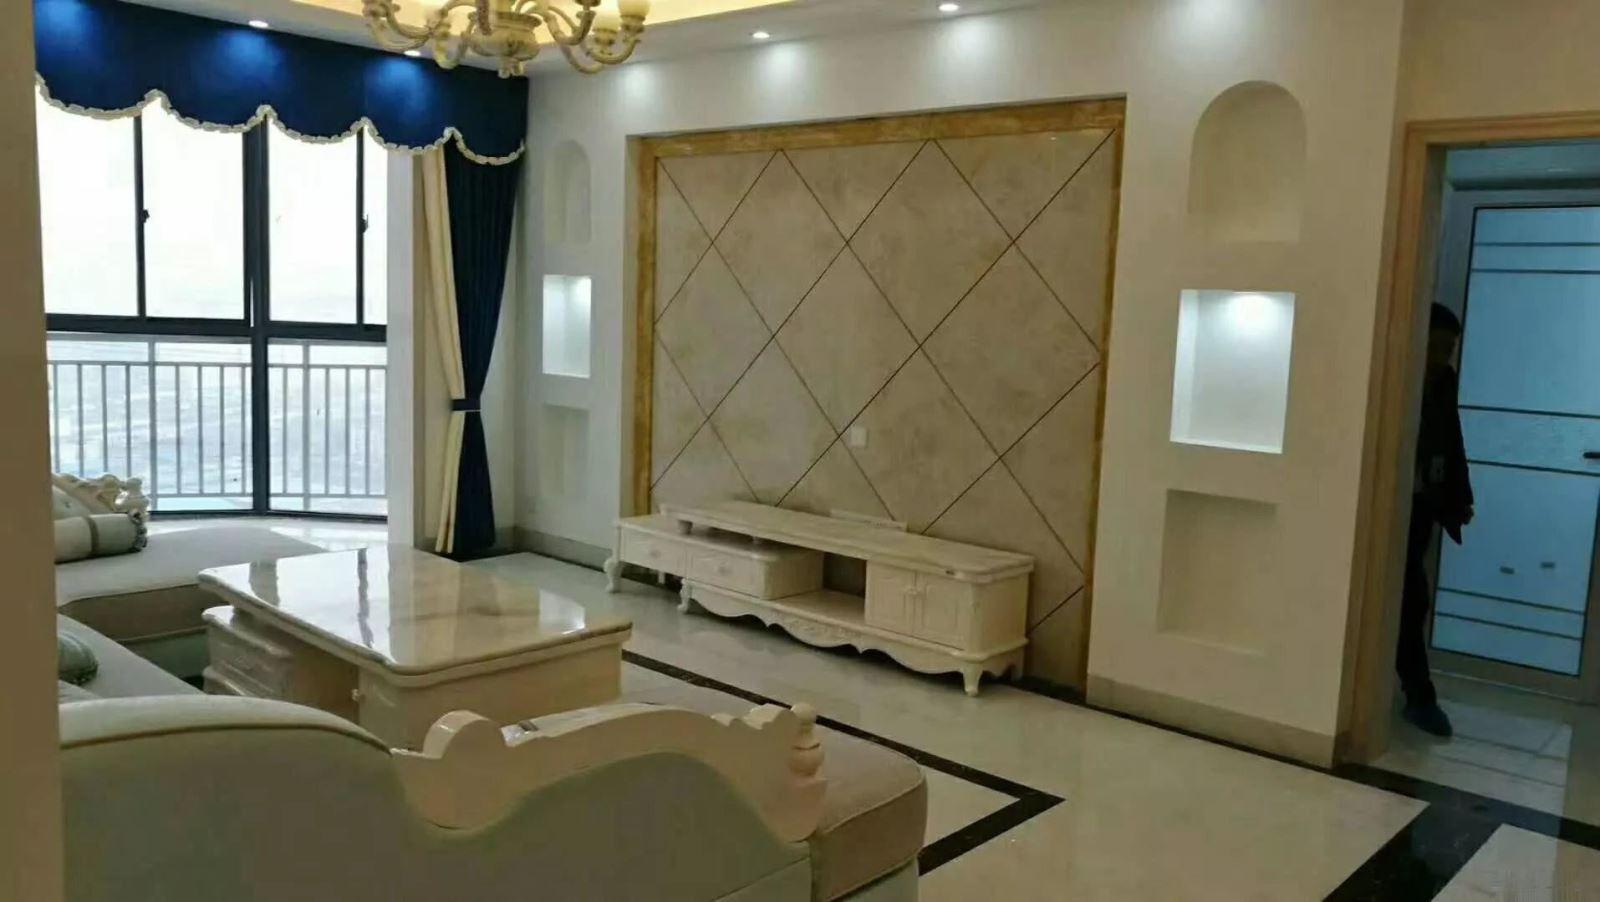 文化路 精装三房两厅 黄 金二楼 首付买房的可以考虑下